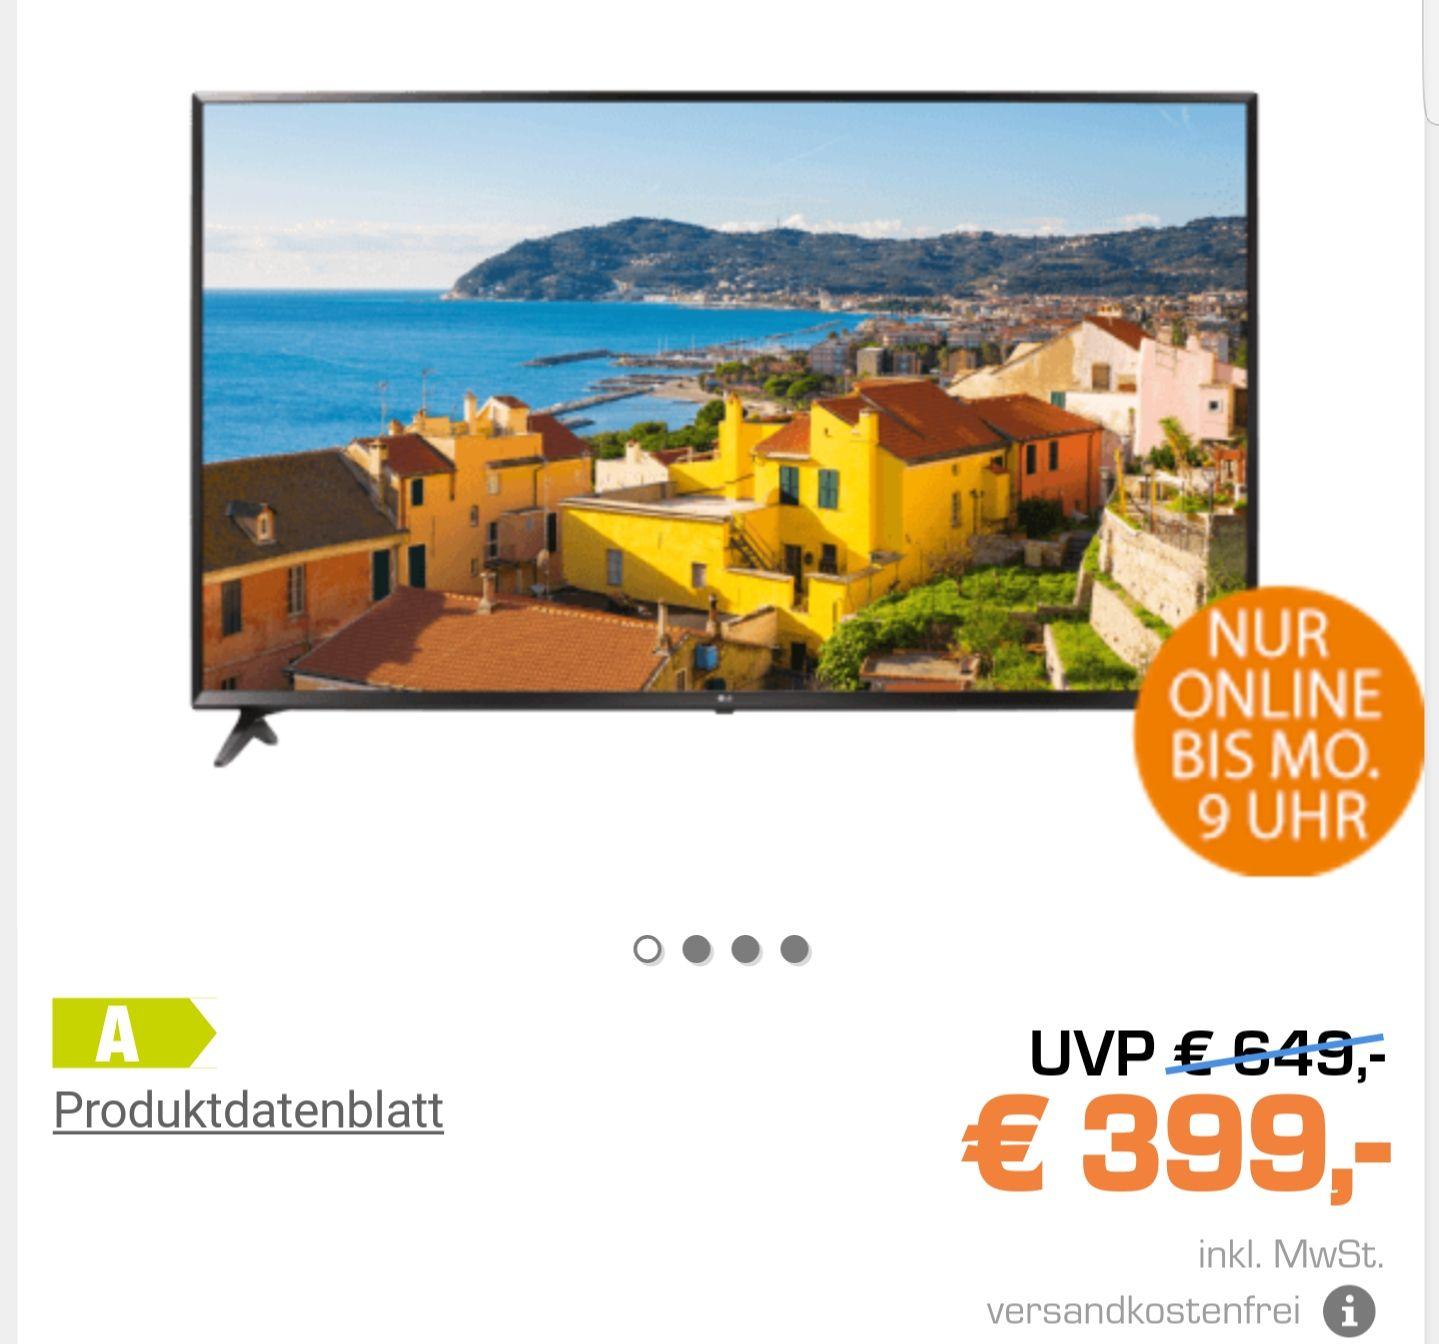 Saturn: LG 43UJ6309 43 Zoll TV statt 649 Euro nur 399 Euro (VSK Frei) bis Montag 9 Uhr